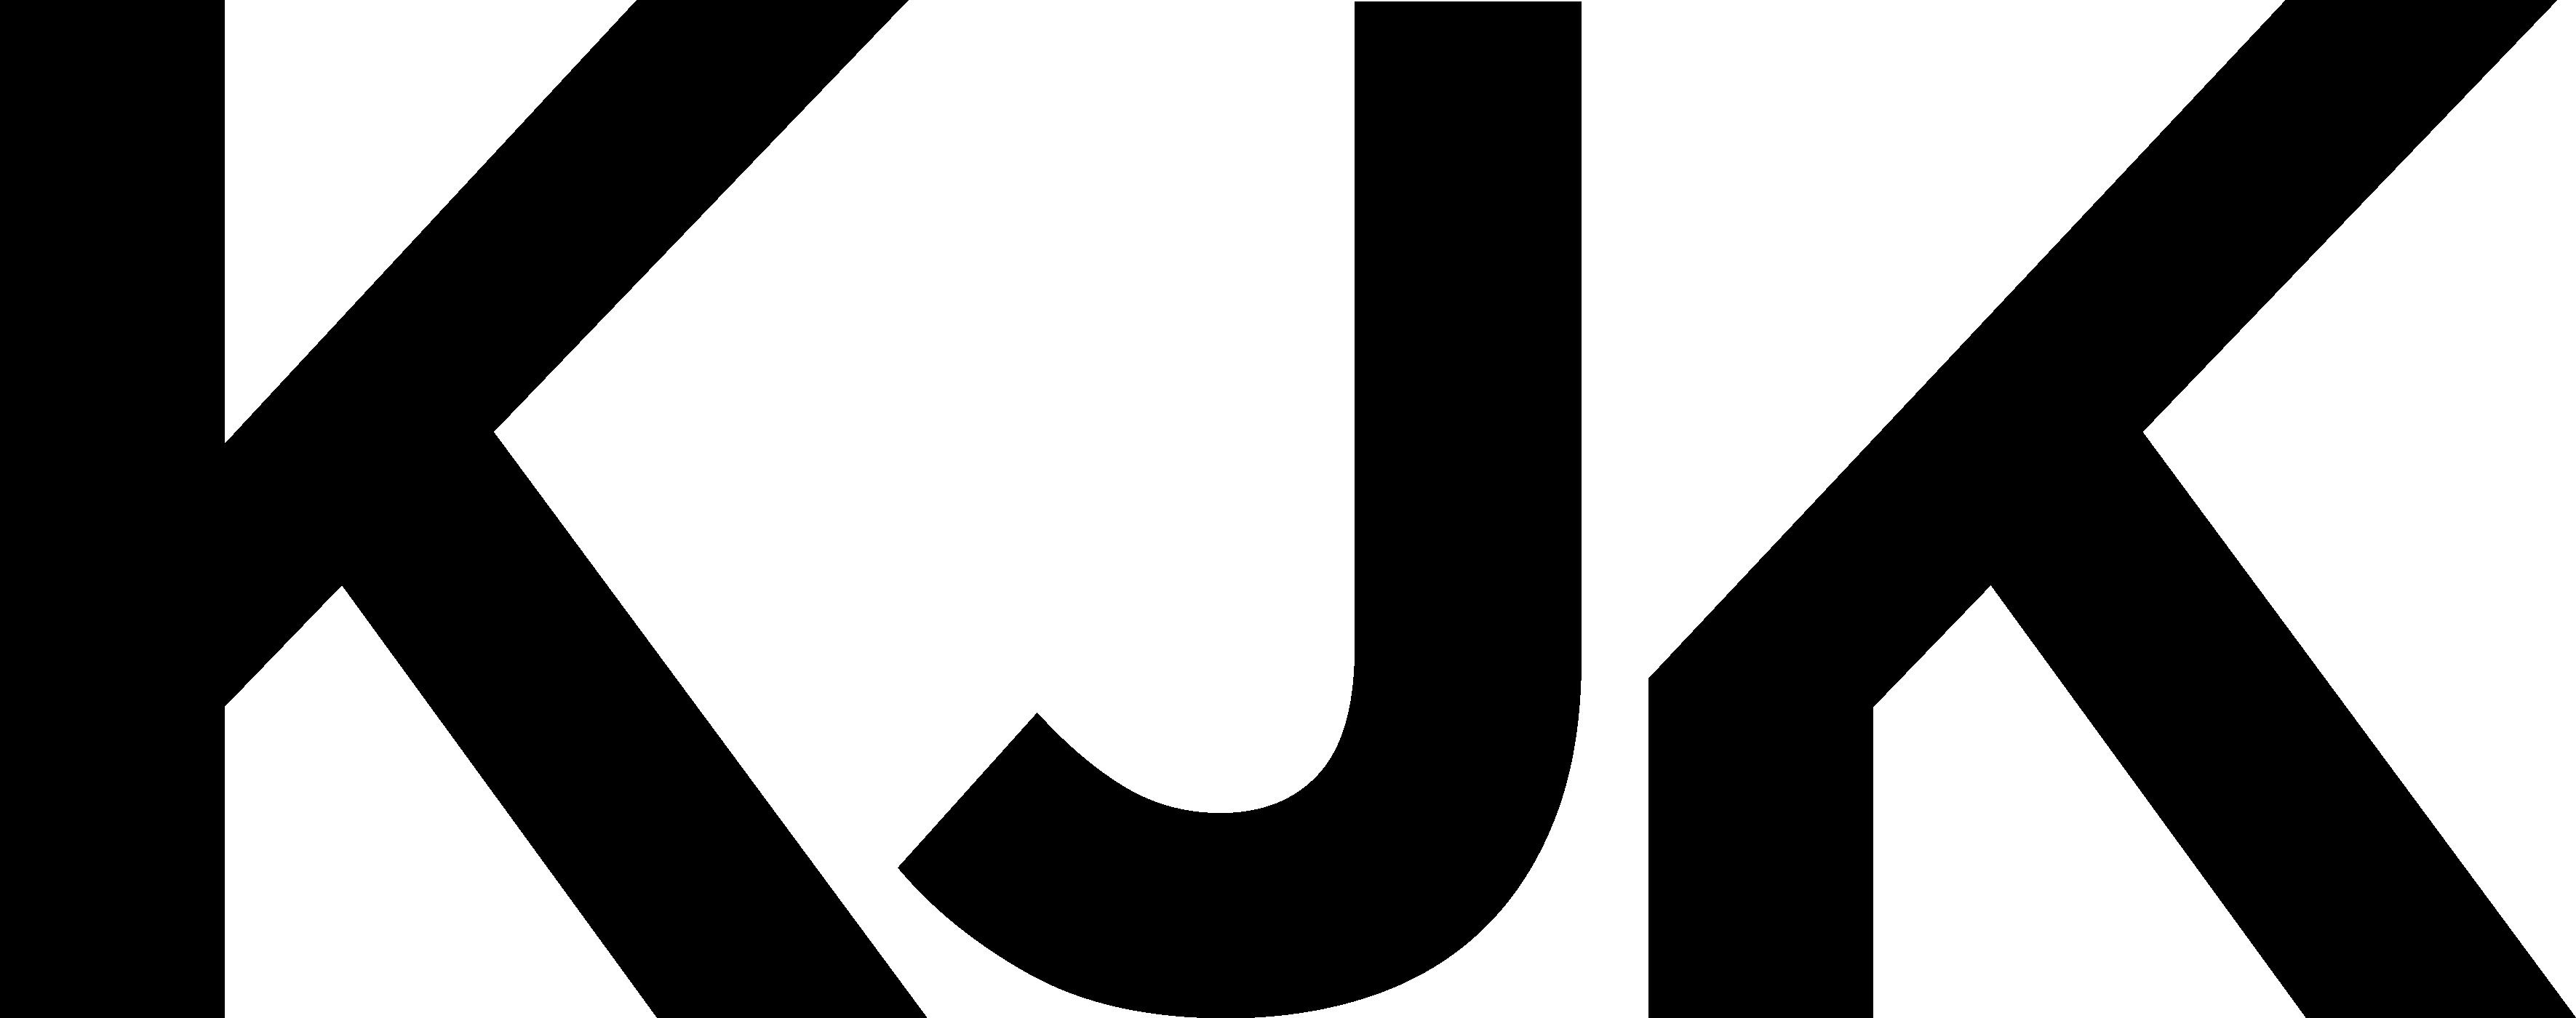 KJK Designs Logo